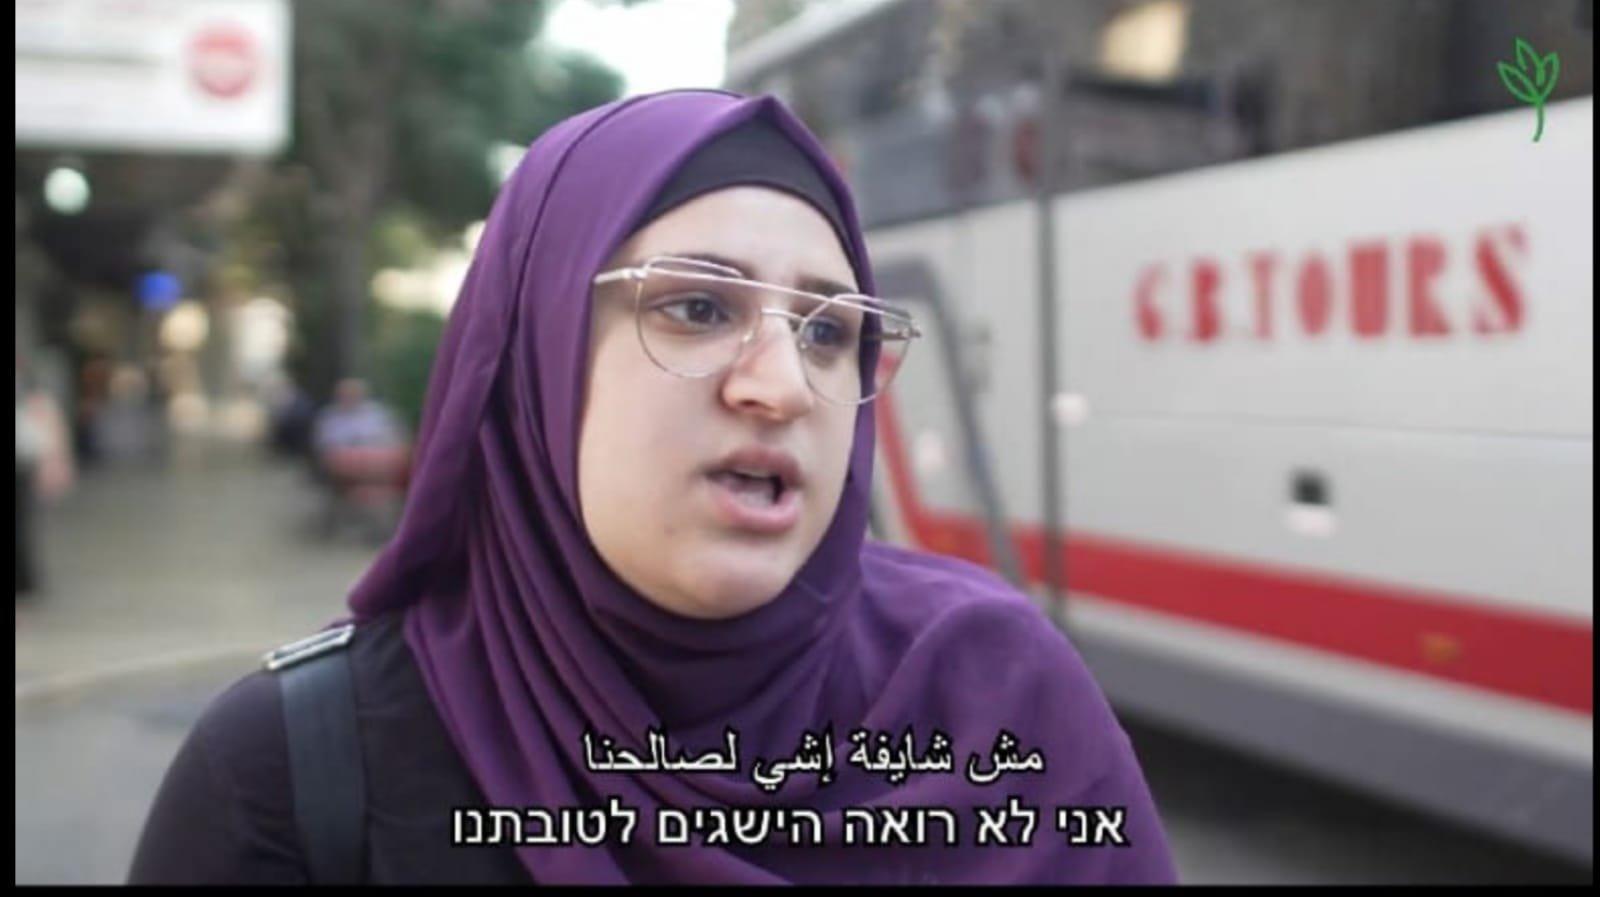 سيكوي تستطلع رأي الشارع العربي وتفاجئ الناخب بحقائق حول عمل النواب العرب في الكنيست